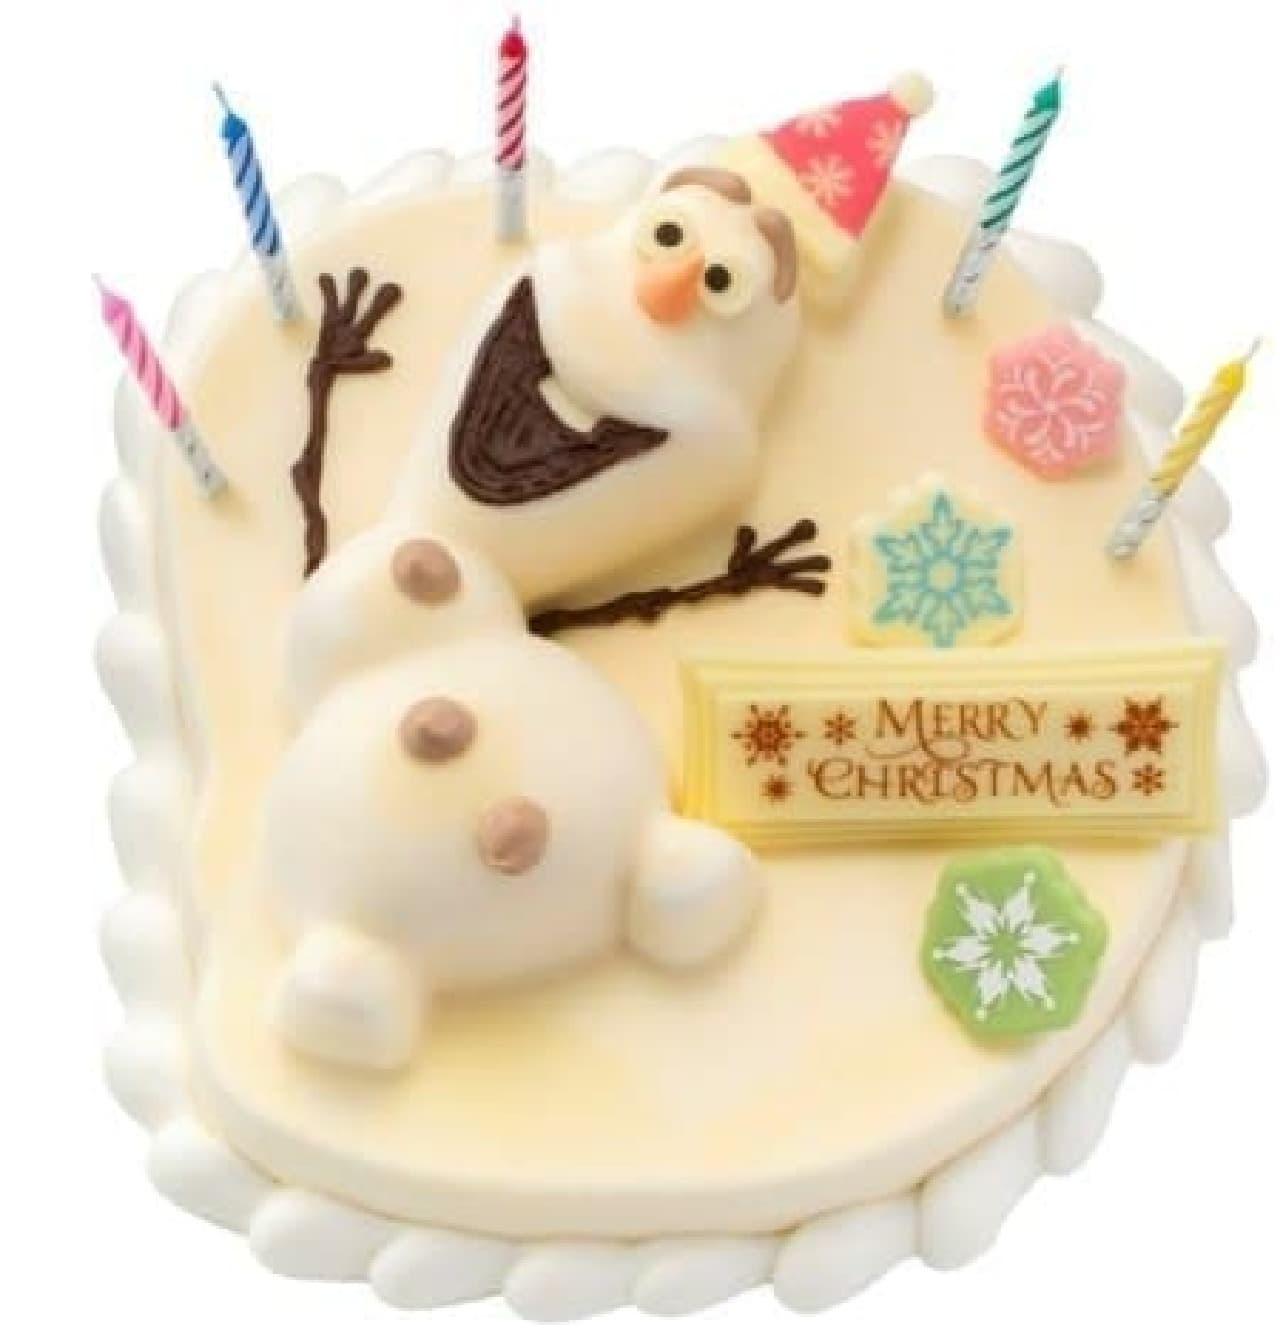 クリスマス向けに販売され、各店で完売が続出した  「'オラフ'フローズンクリスマス」